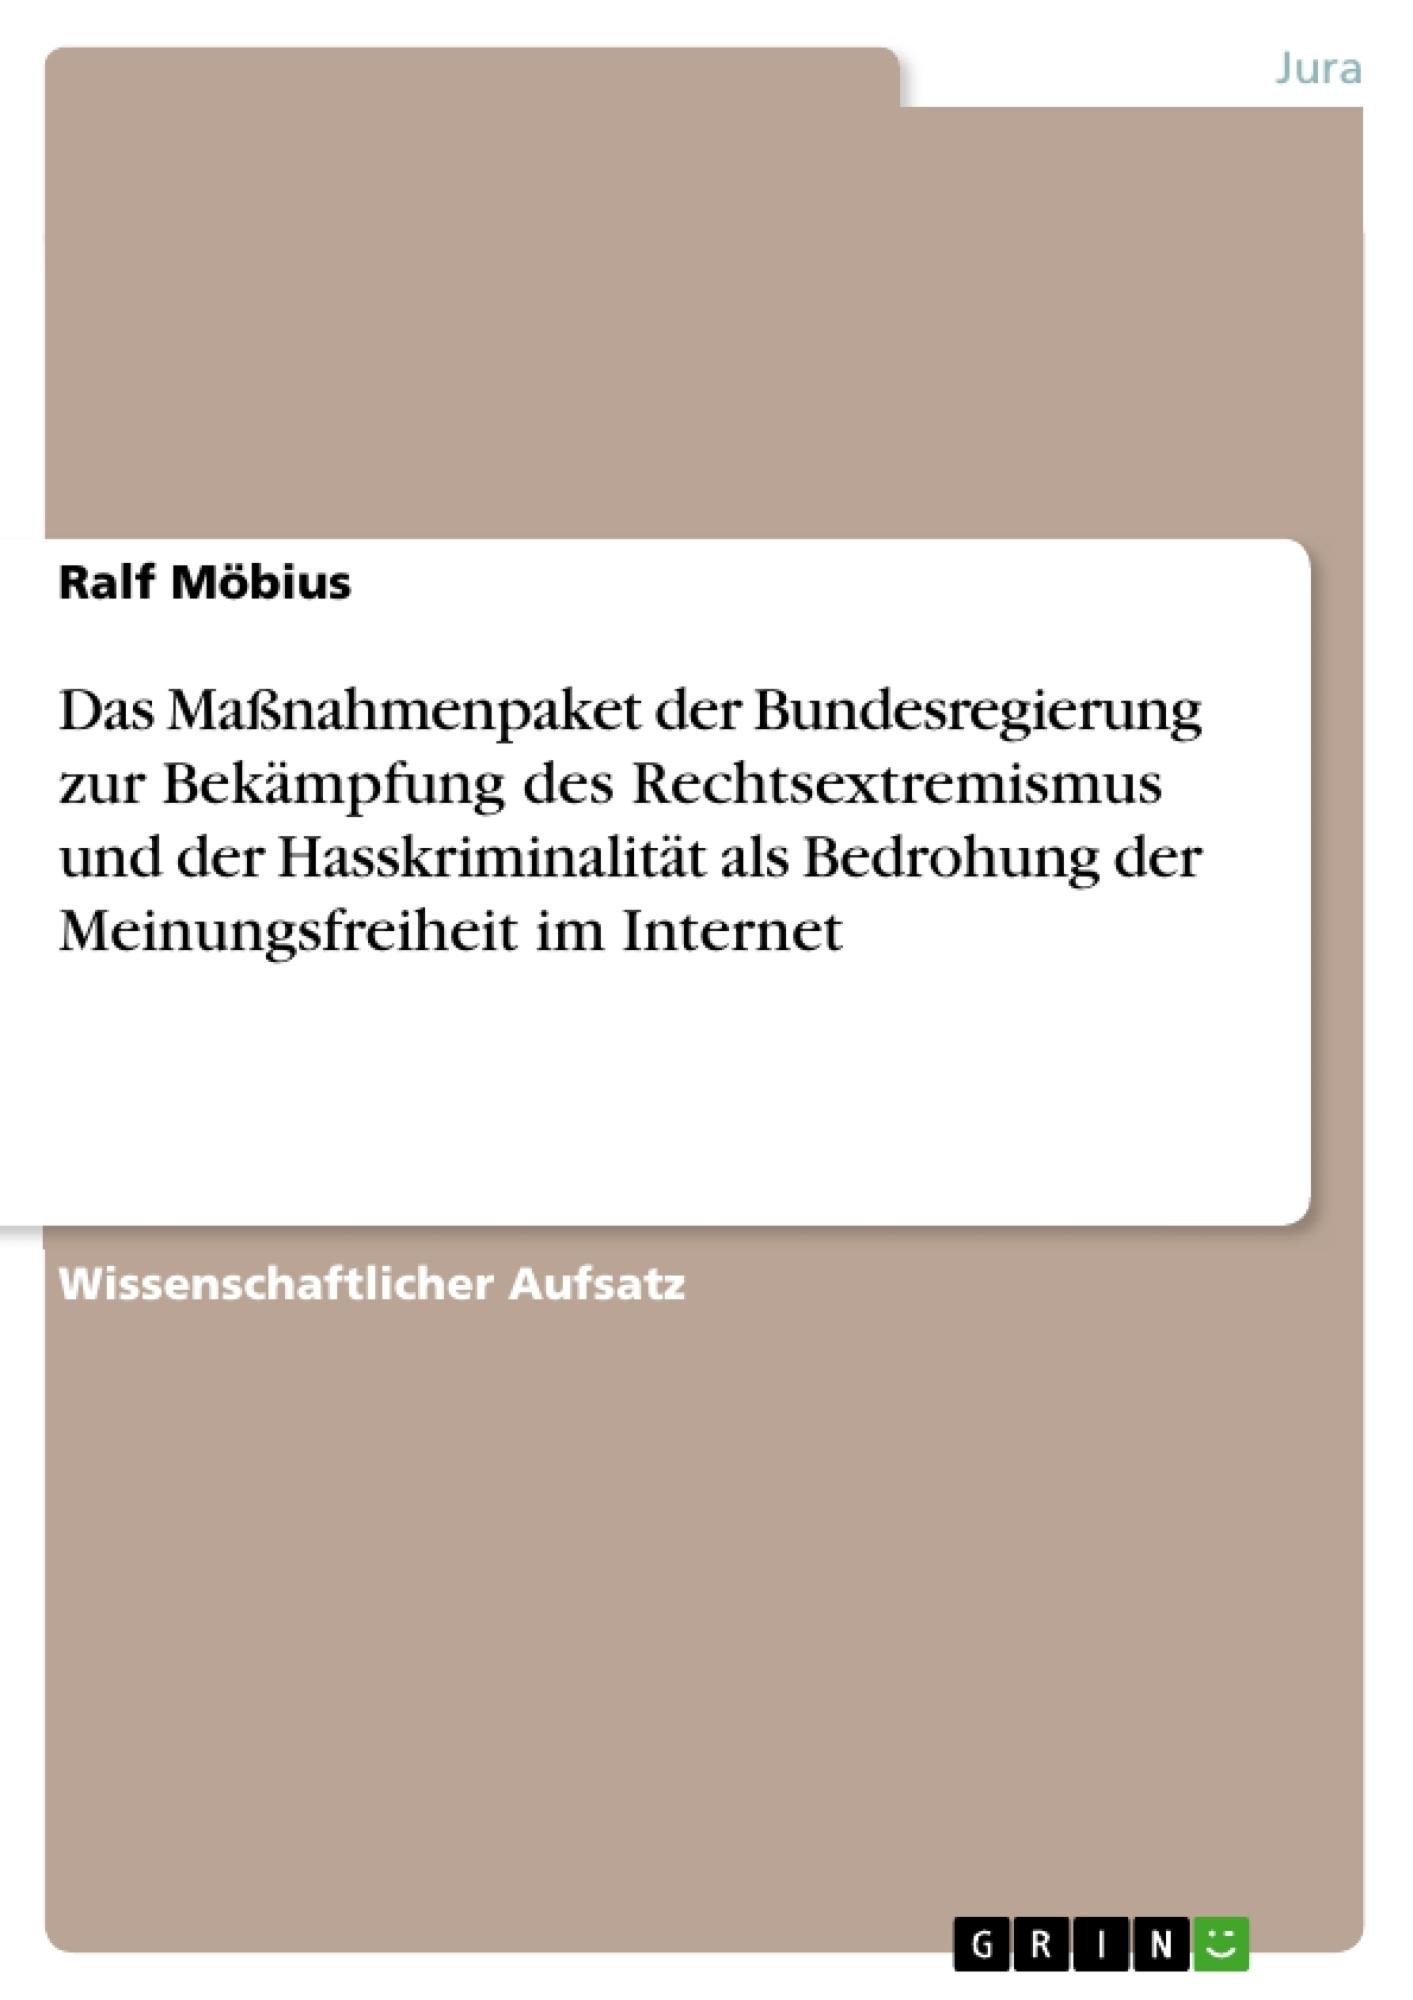 Titel: Das Maßnahmenpaket der Bundesregierung zur Bekämpfung des Rechtsextremismus und der Hasskriminalität als Bedrohung der Meinungsfreiheit im Internet